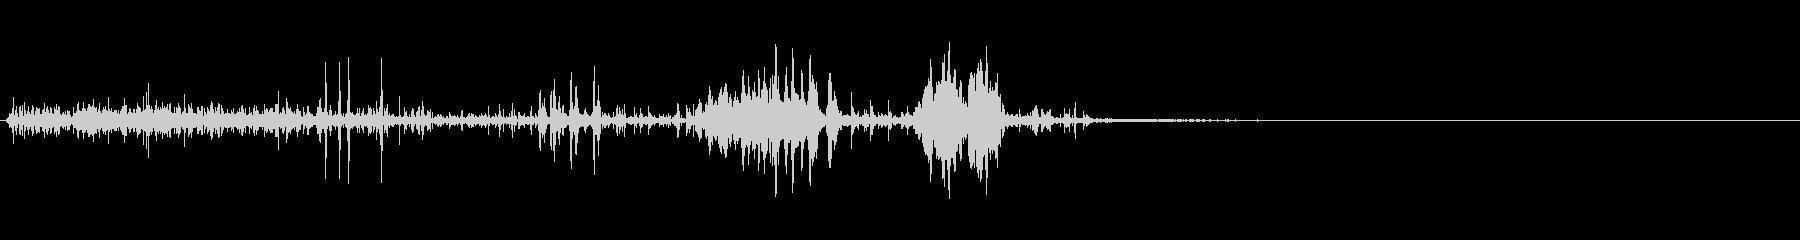 クイック静電気バズ2の未再生の波形